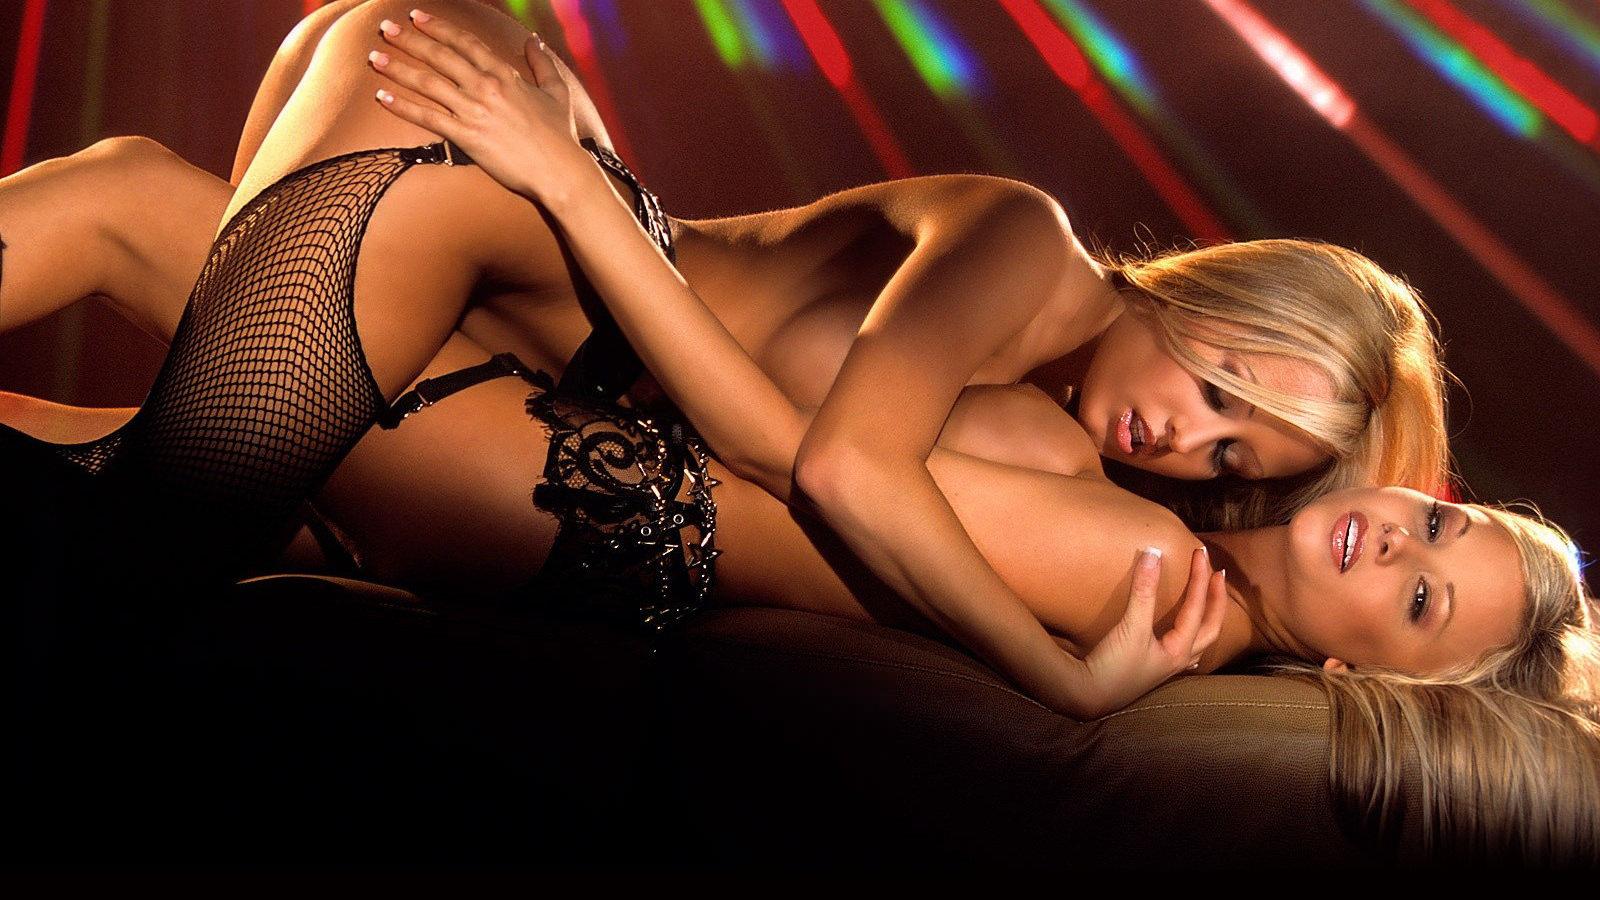 Эротический массаж от девушки нижний новгород 12 фотография